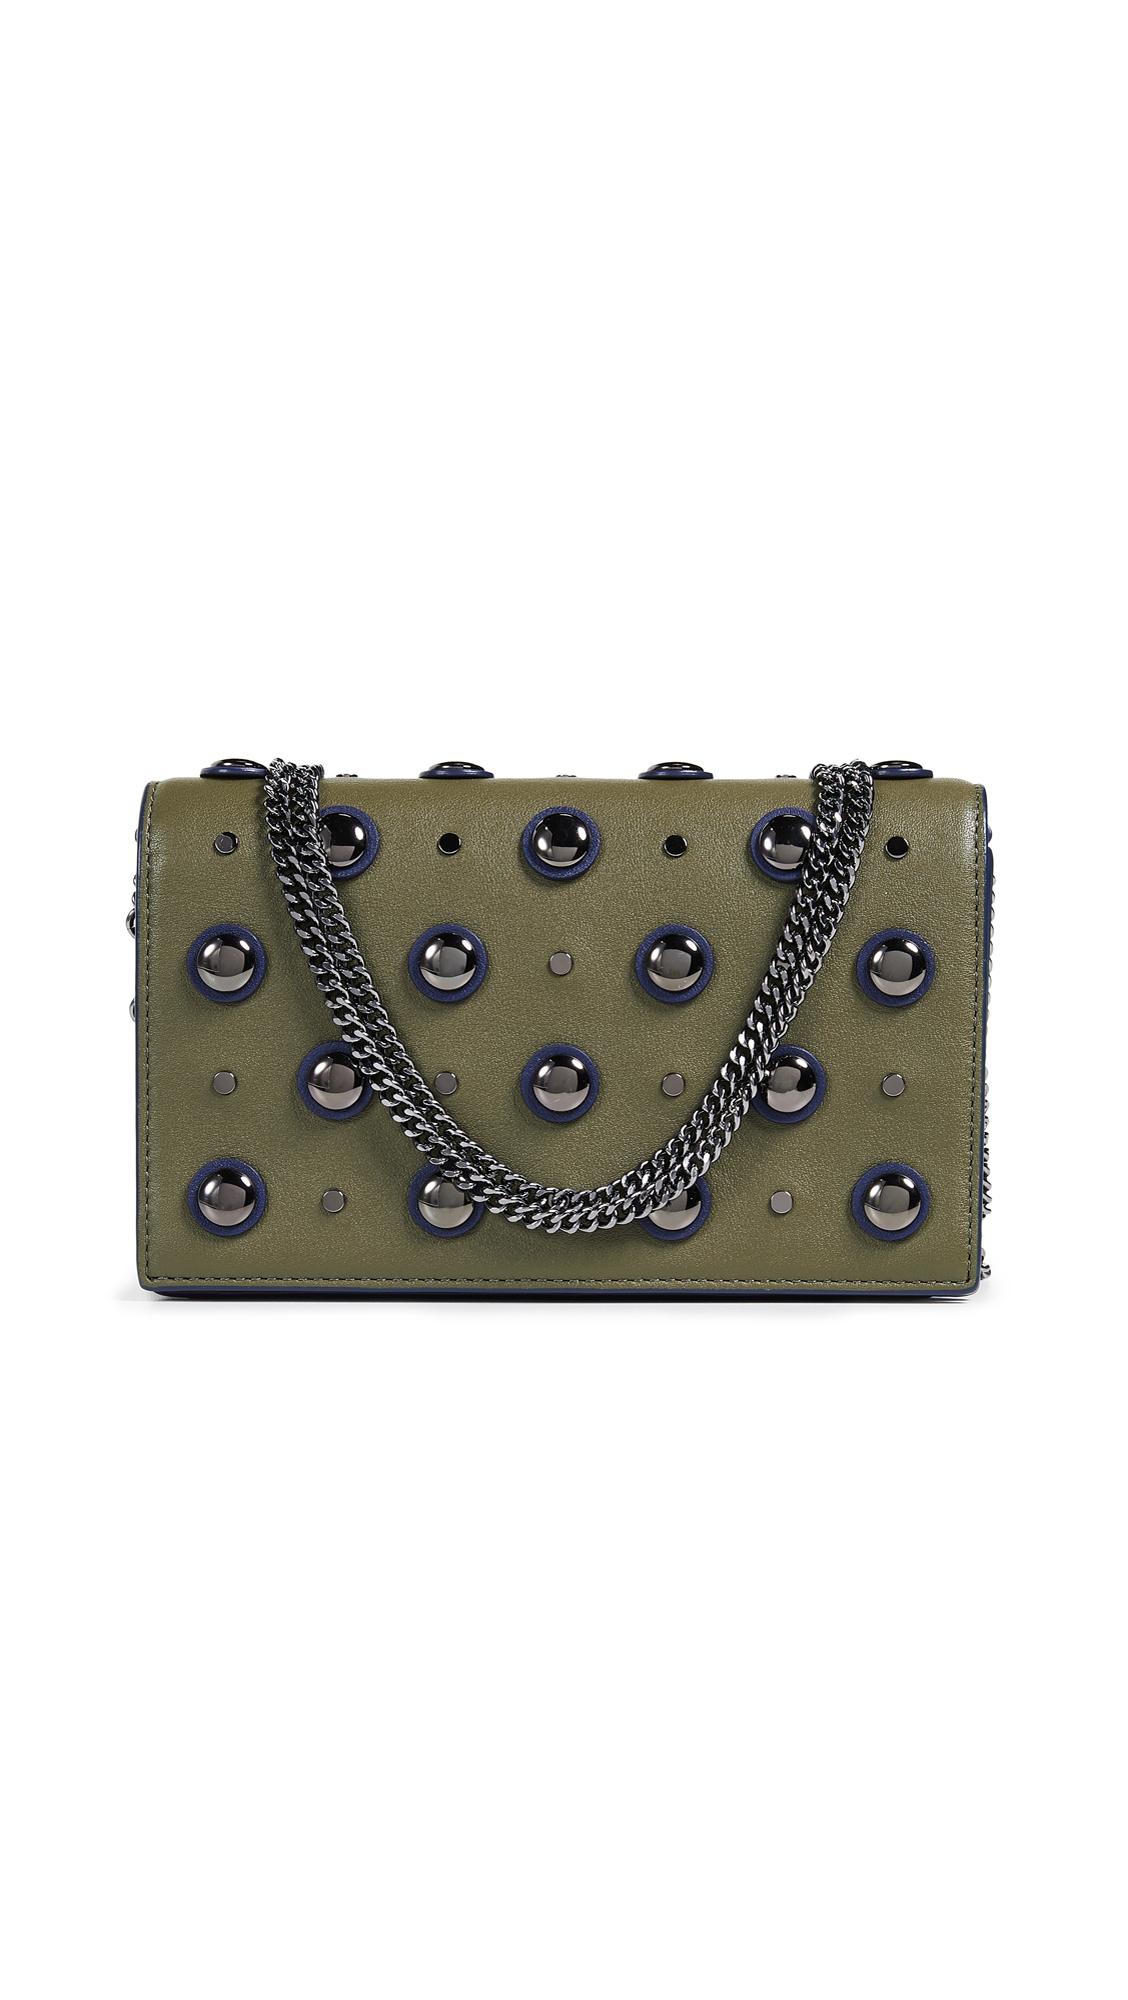 Diane von Furstenberg Soiree Cross Body Bag In Khaki